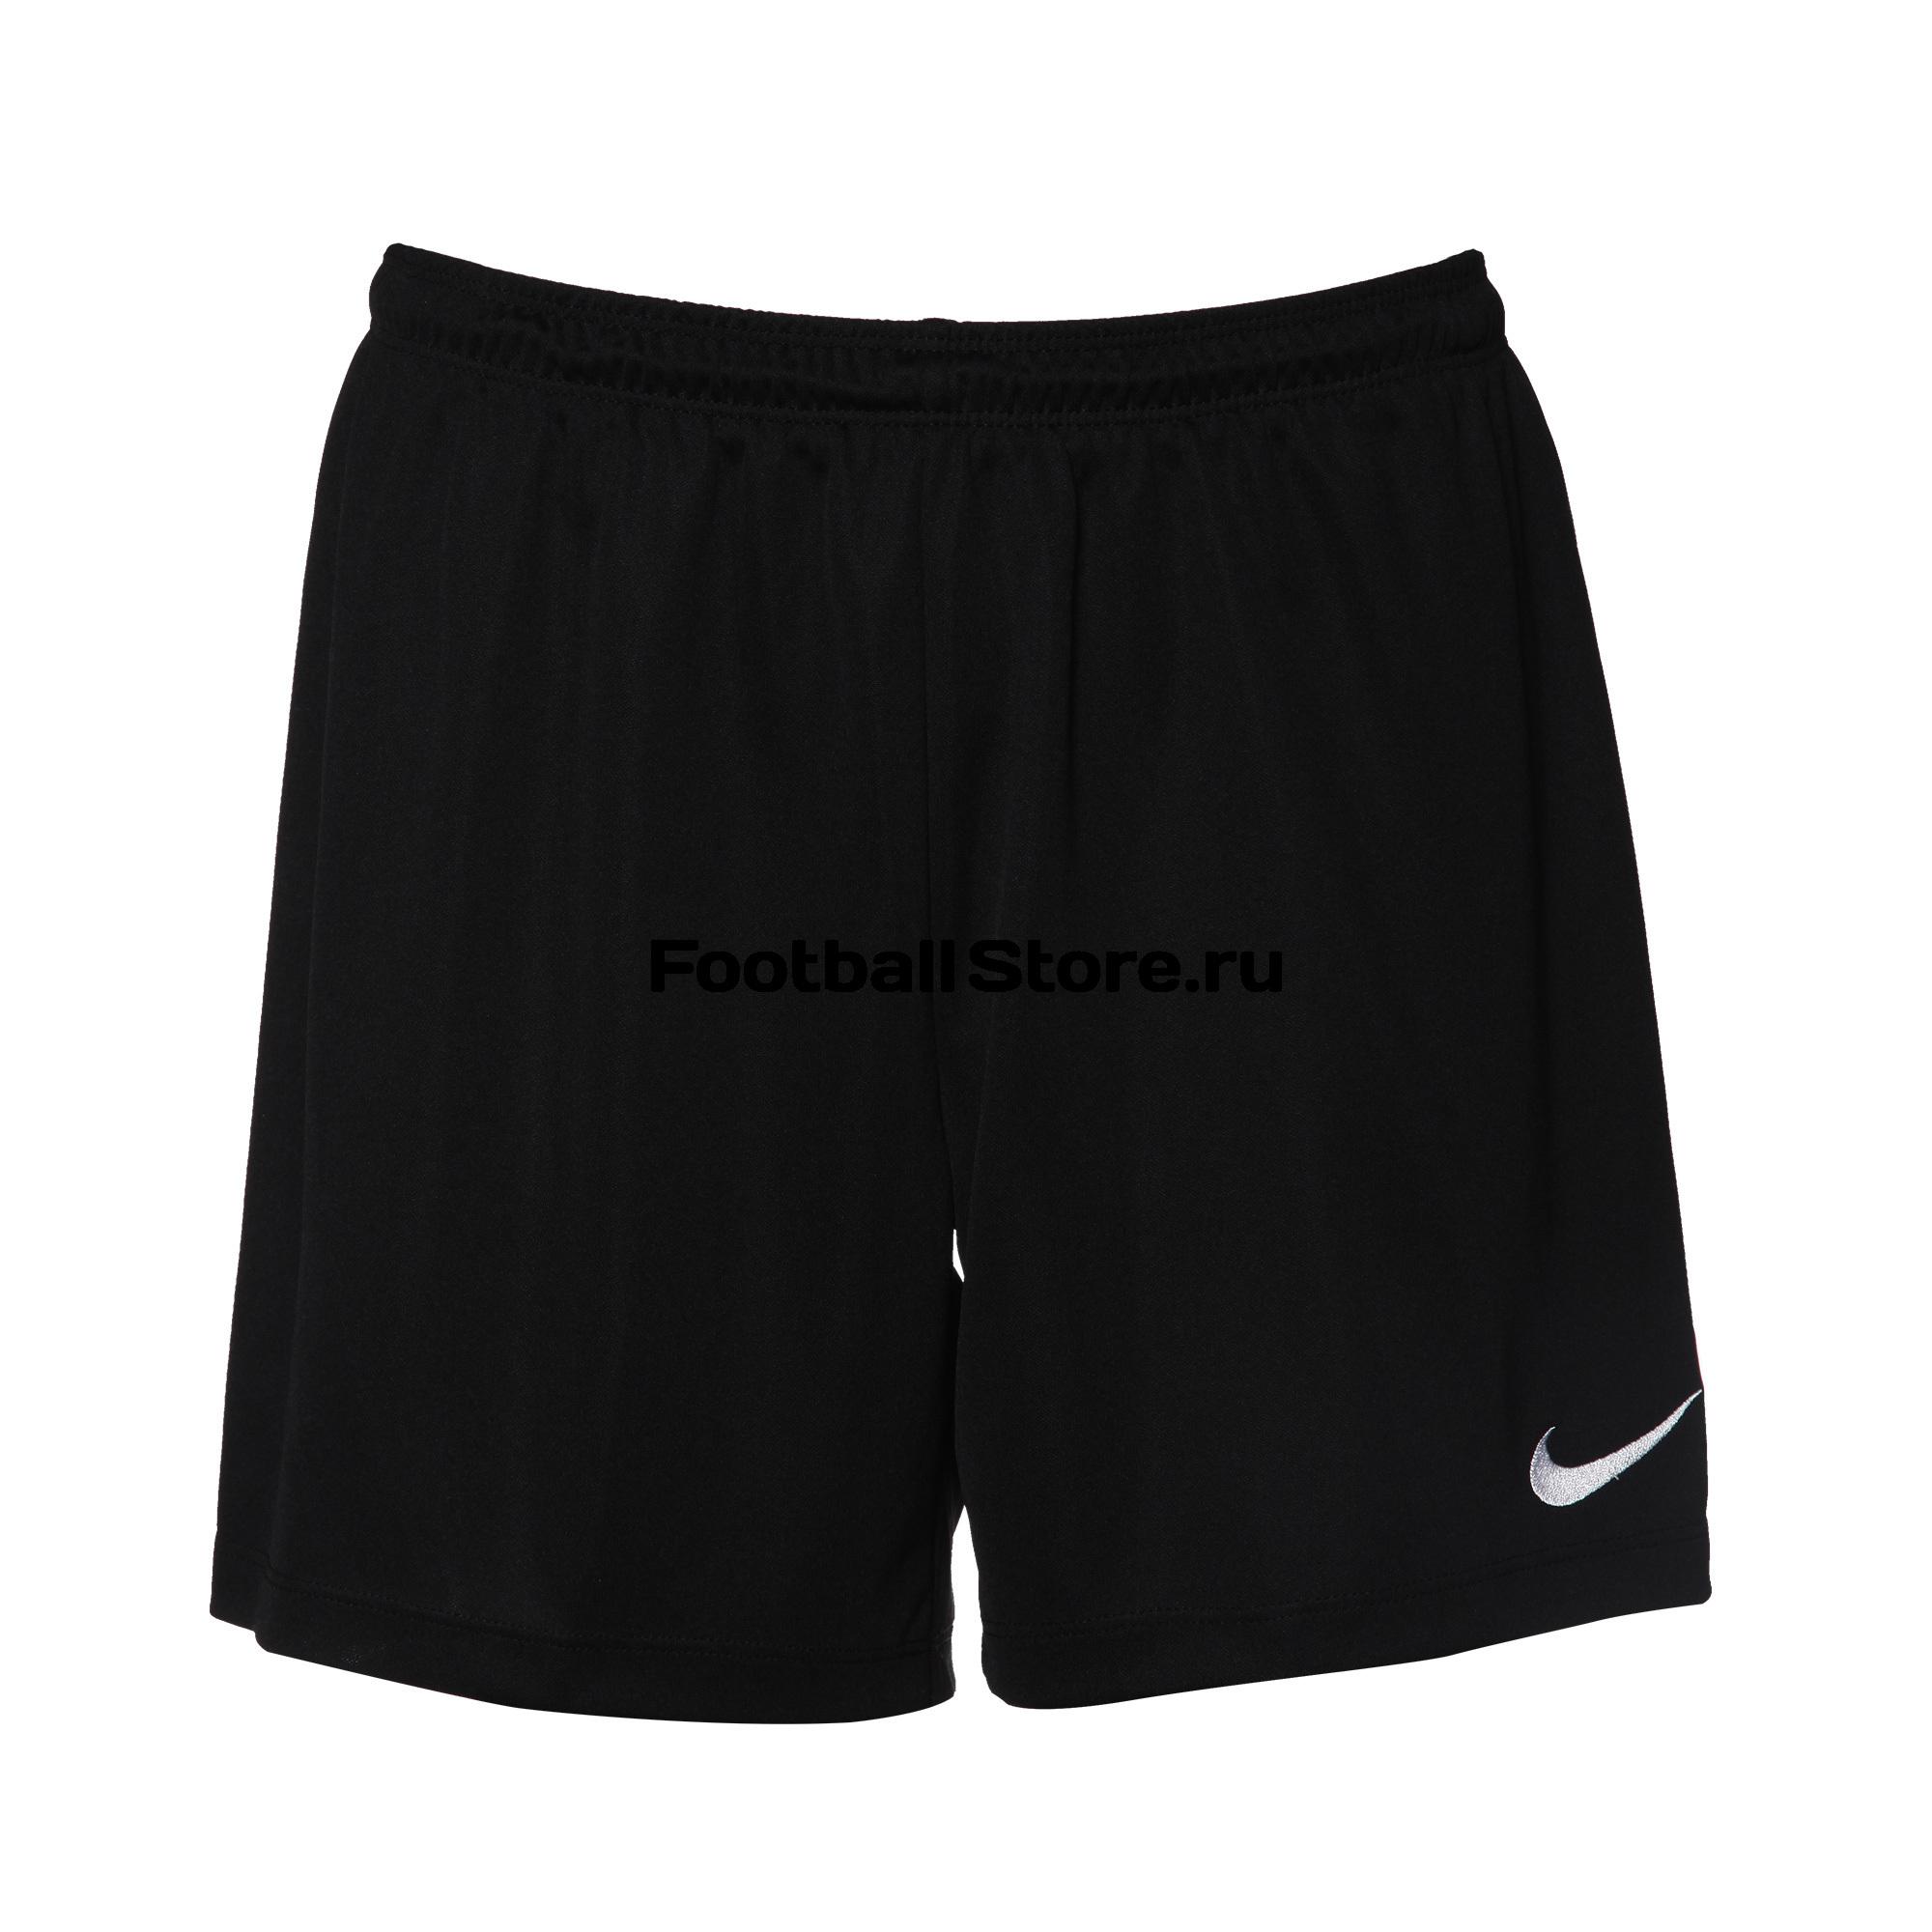 Шорты игровые женские Nike Park II NB 833053-010 шорты игровые nike dry short ii wvn 894331 010